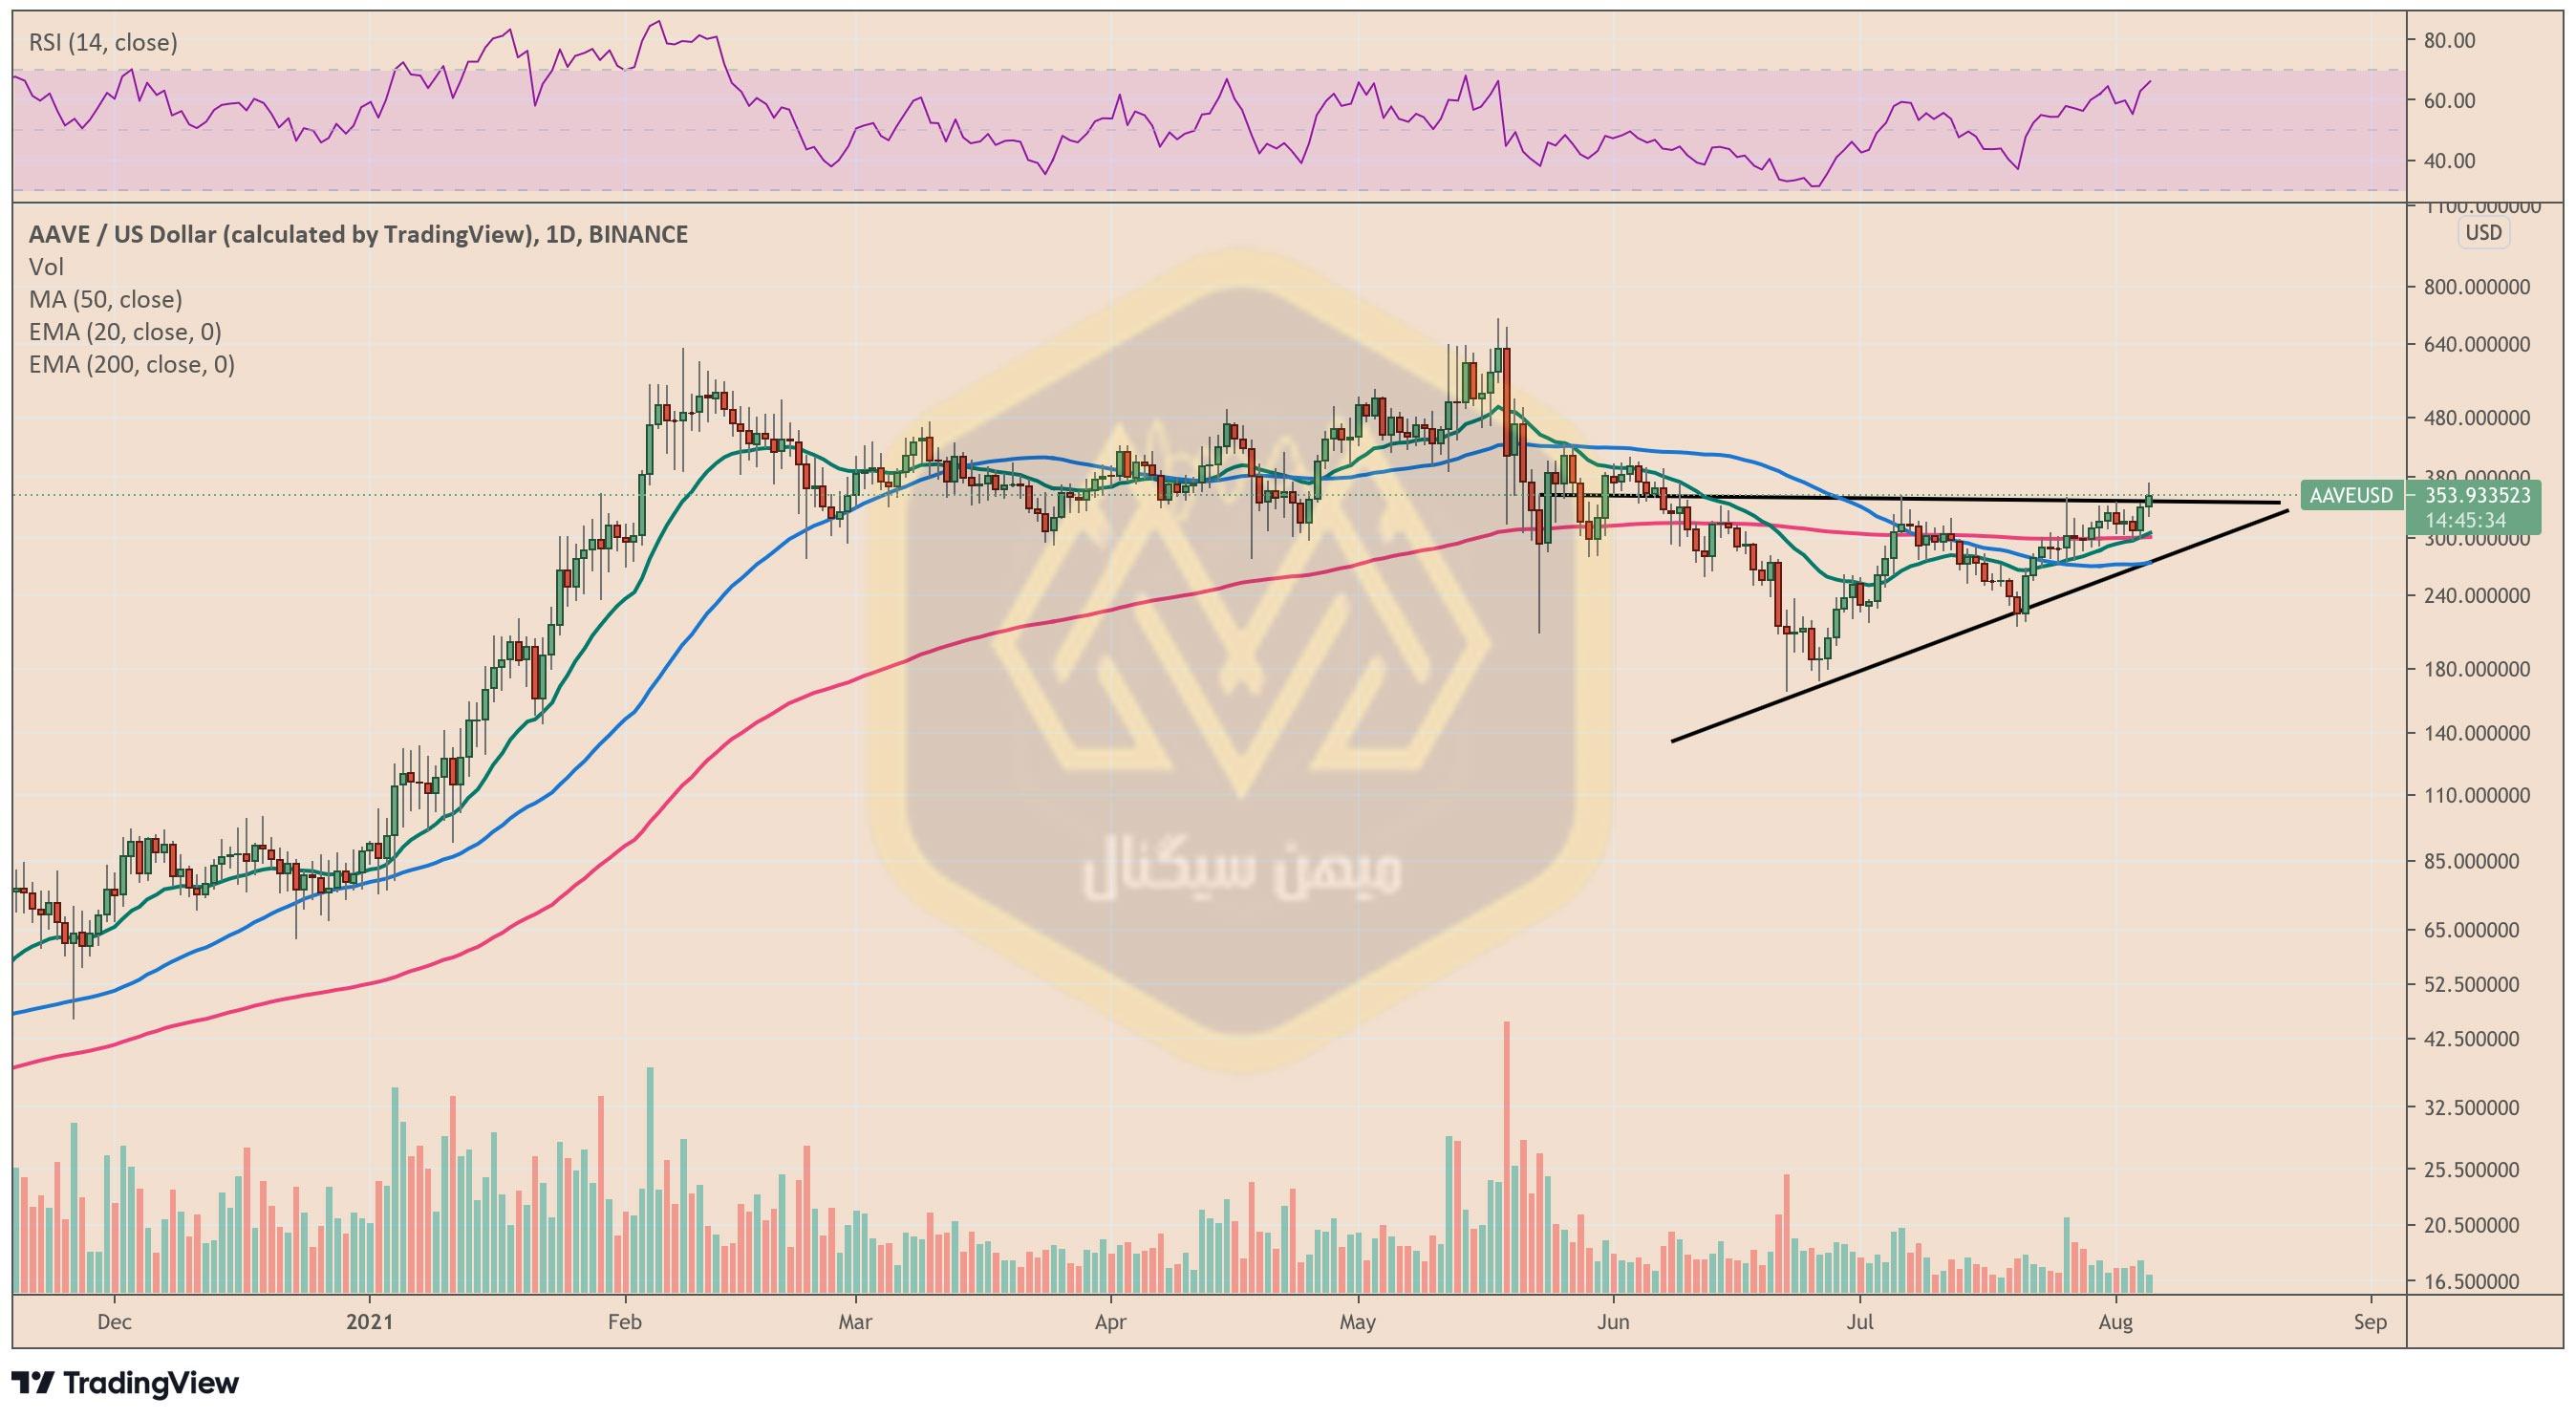 نمودار یک روزه قیمت آوه / دلار